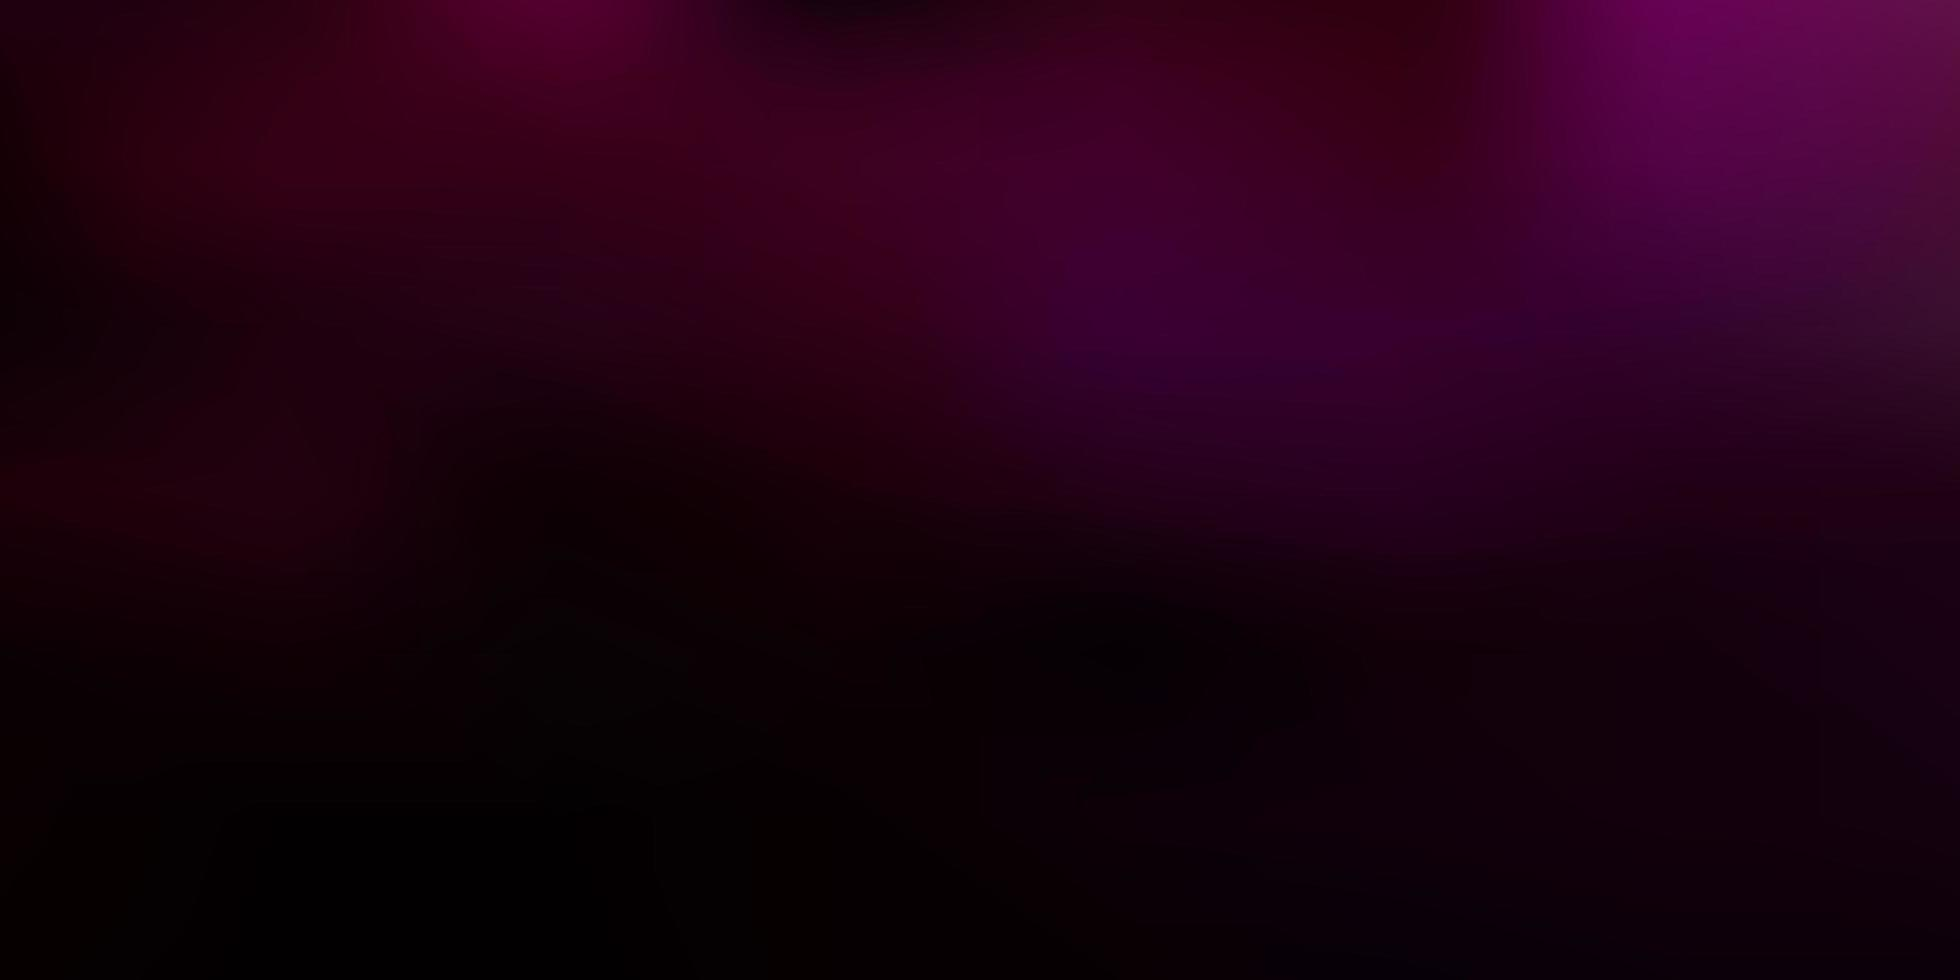 fundo de borrão de vetor rosa escuro.